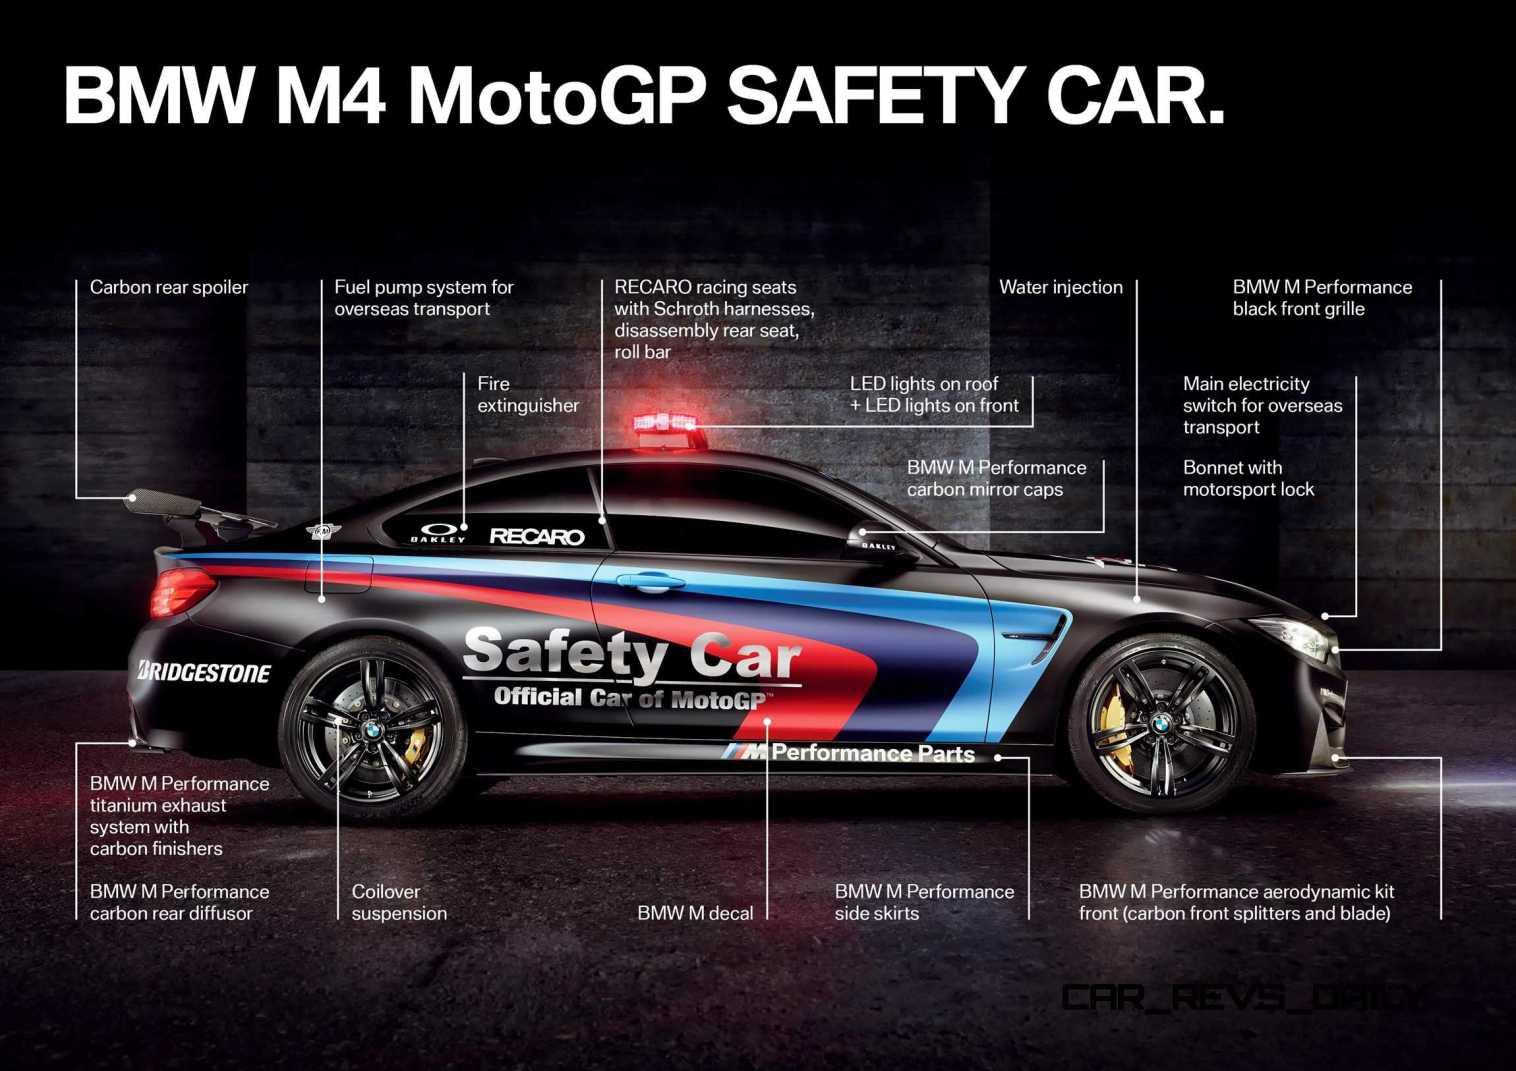 2015 BMW M4 MotoGP 14